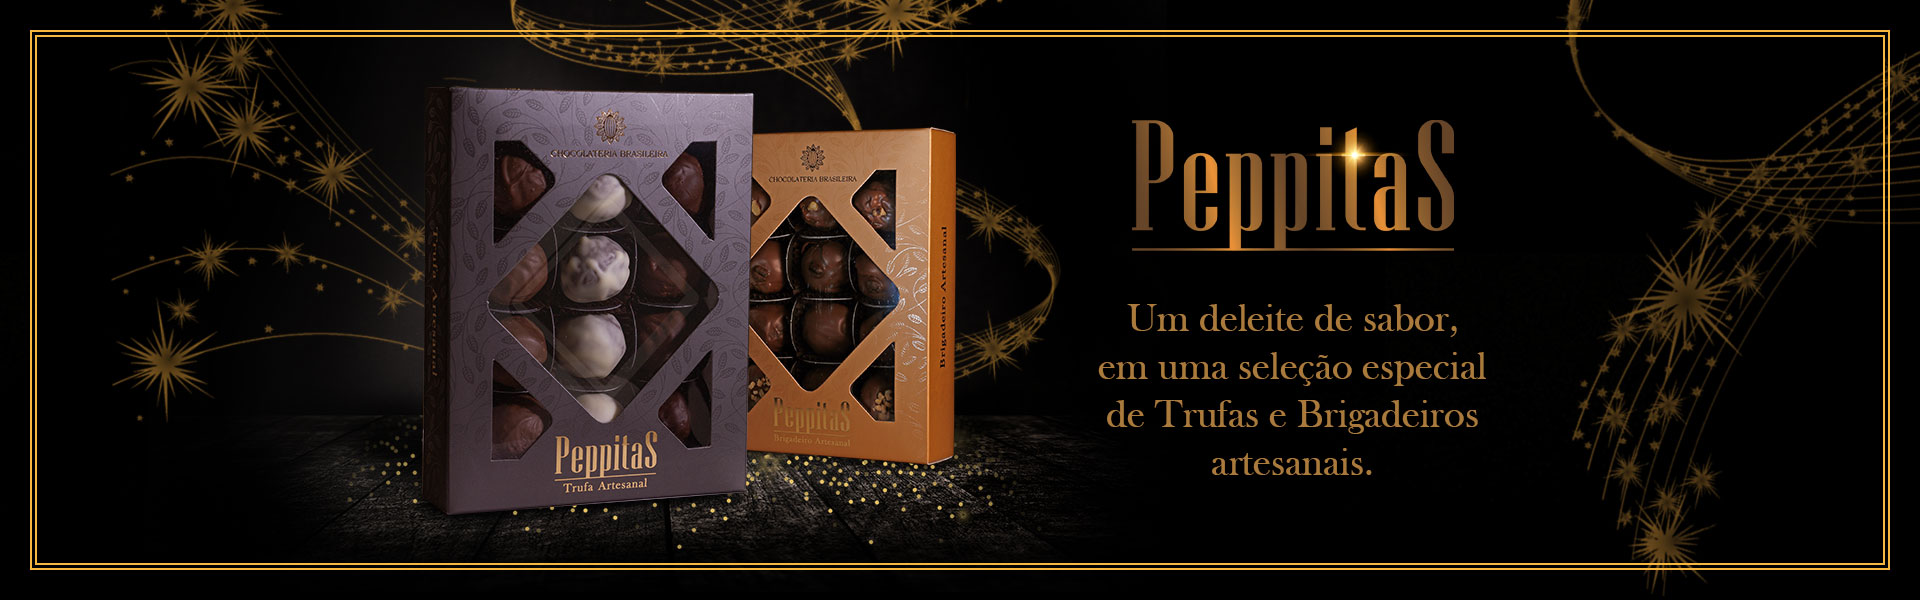 peppitas: trufas e brigadeiros artesanais - Chocolateria Brasileira